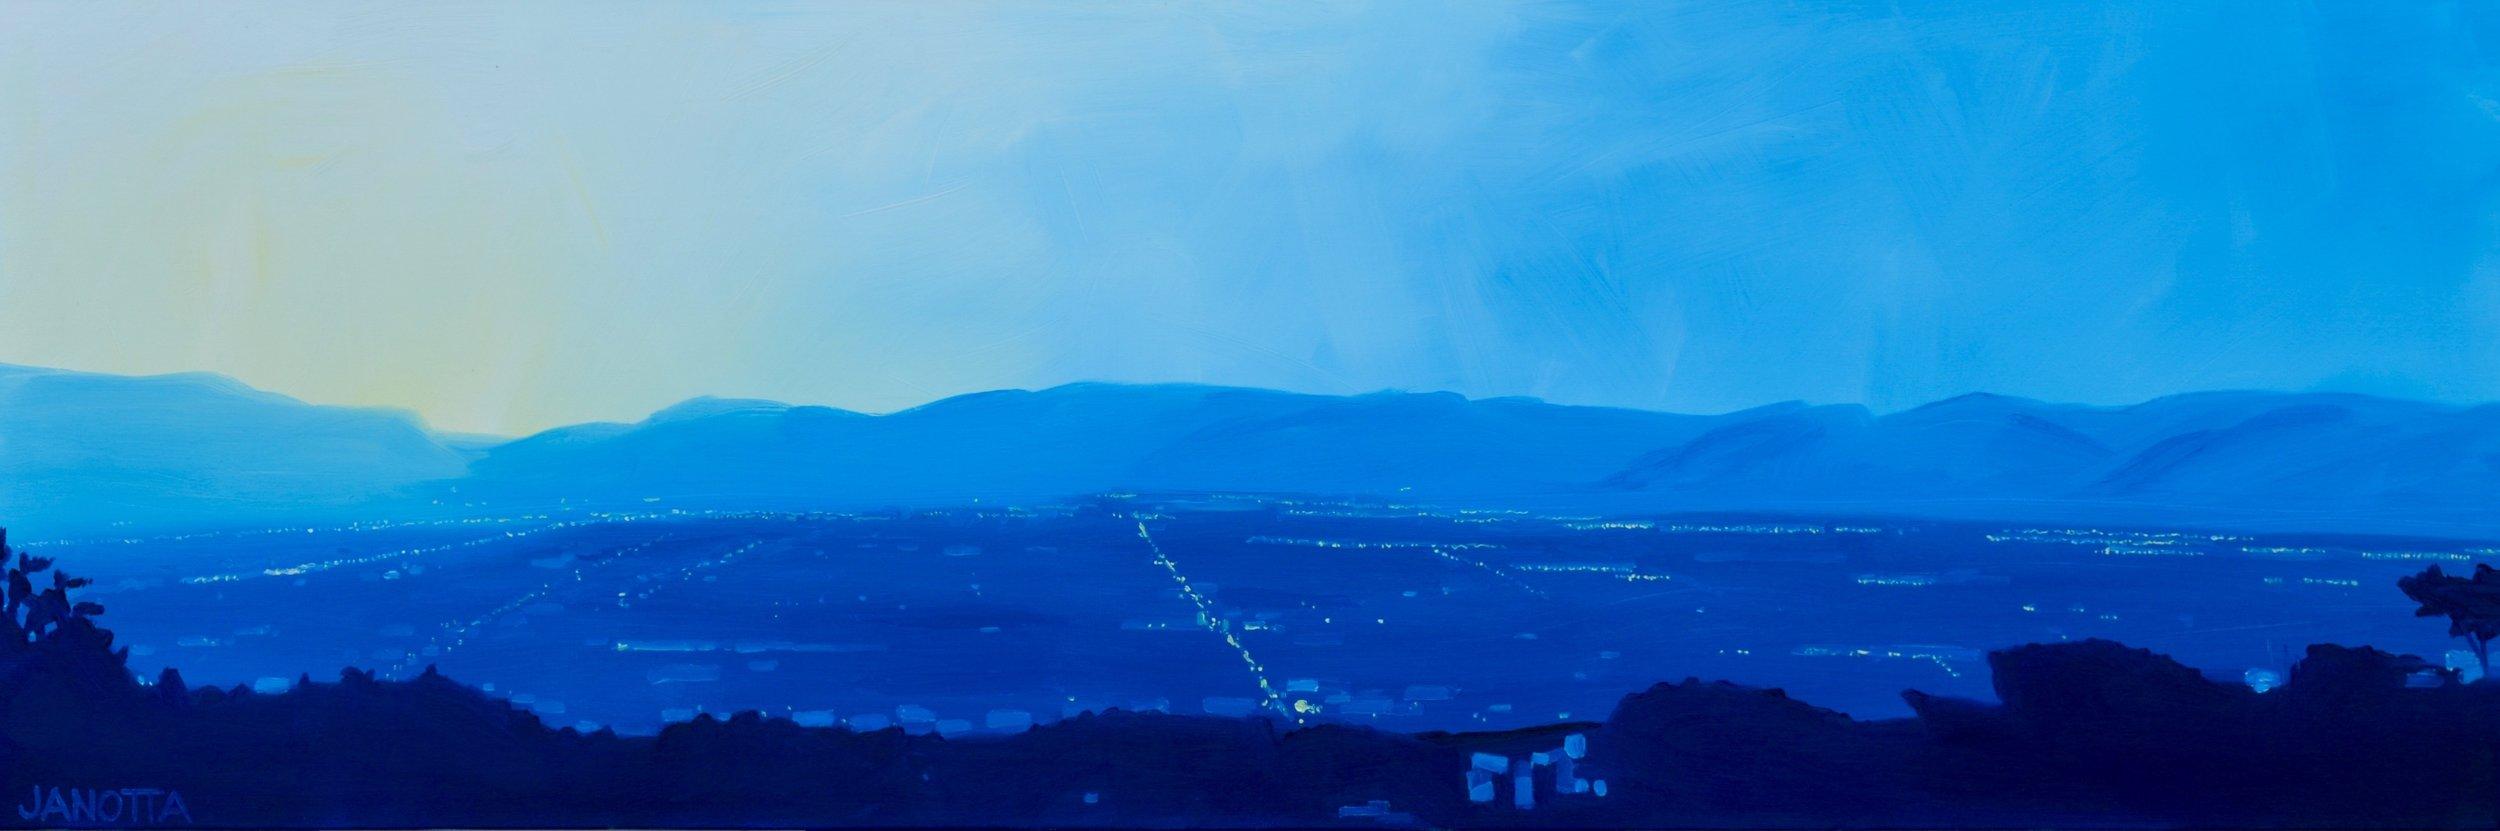 Janotta_Valley Sunset_60x20.jpg